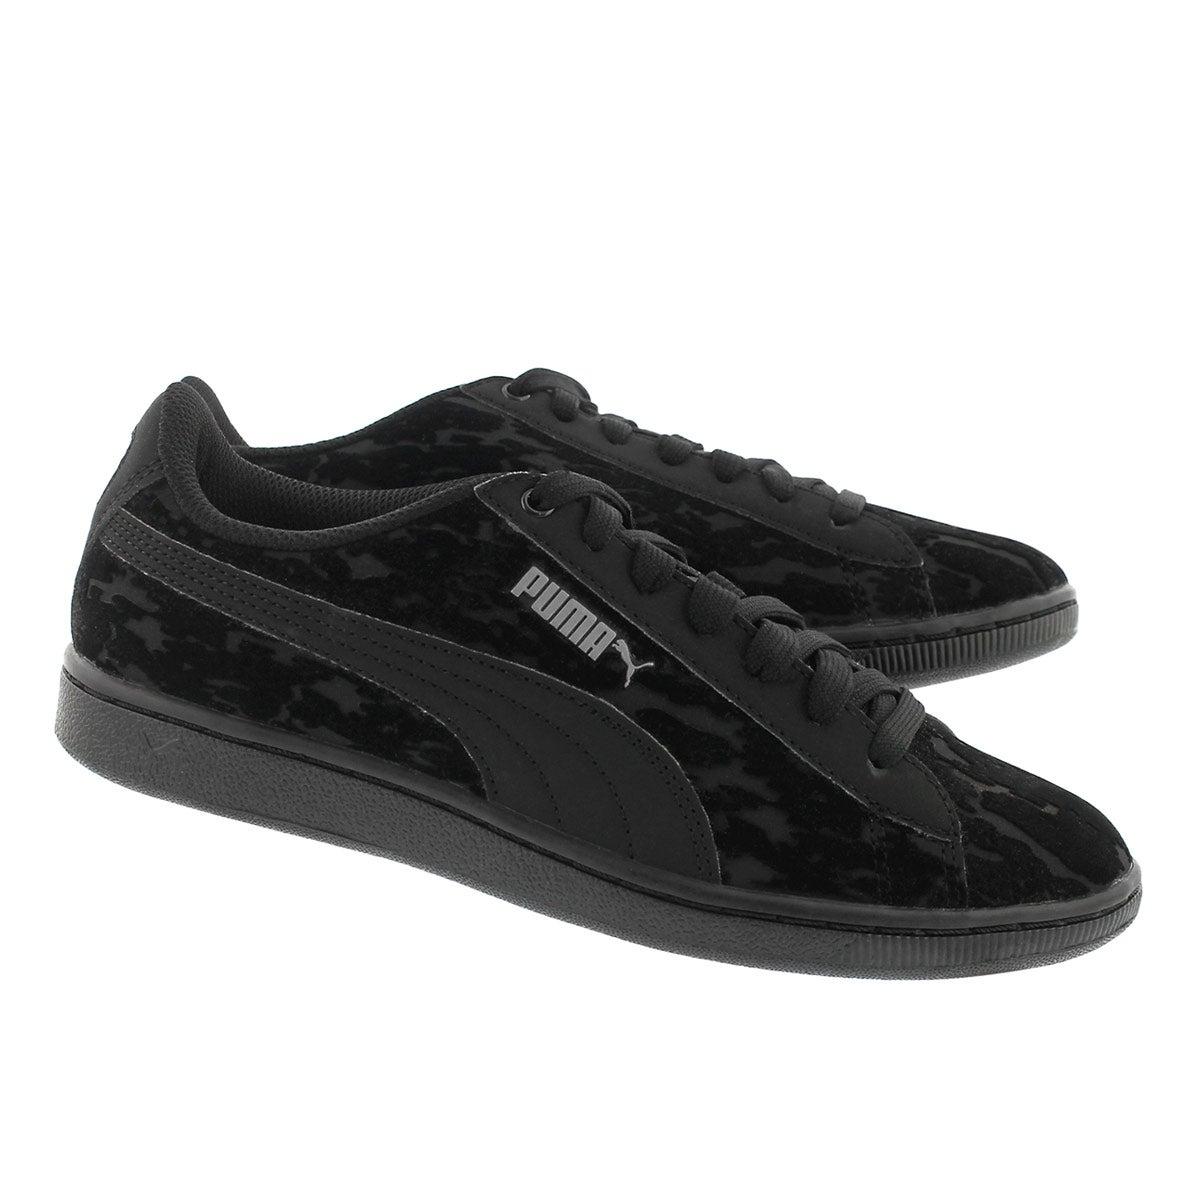 Lds Vikky Velvet Rope blk/blk sneaker